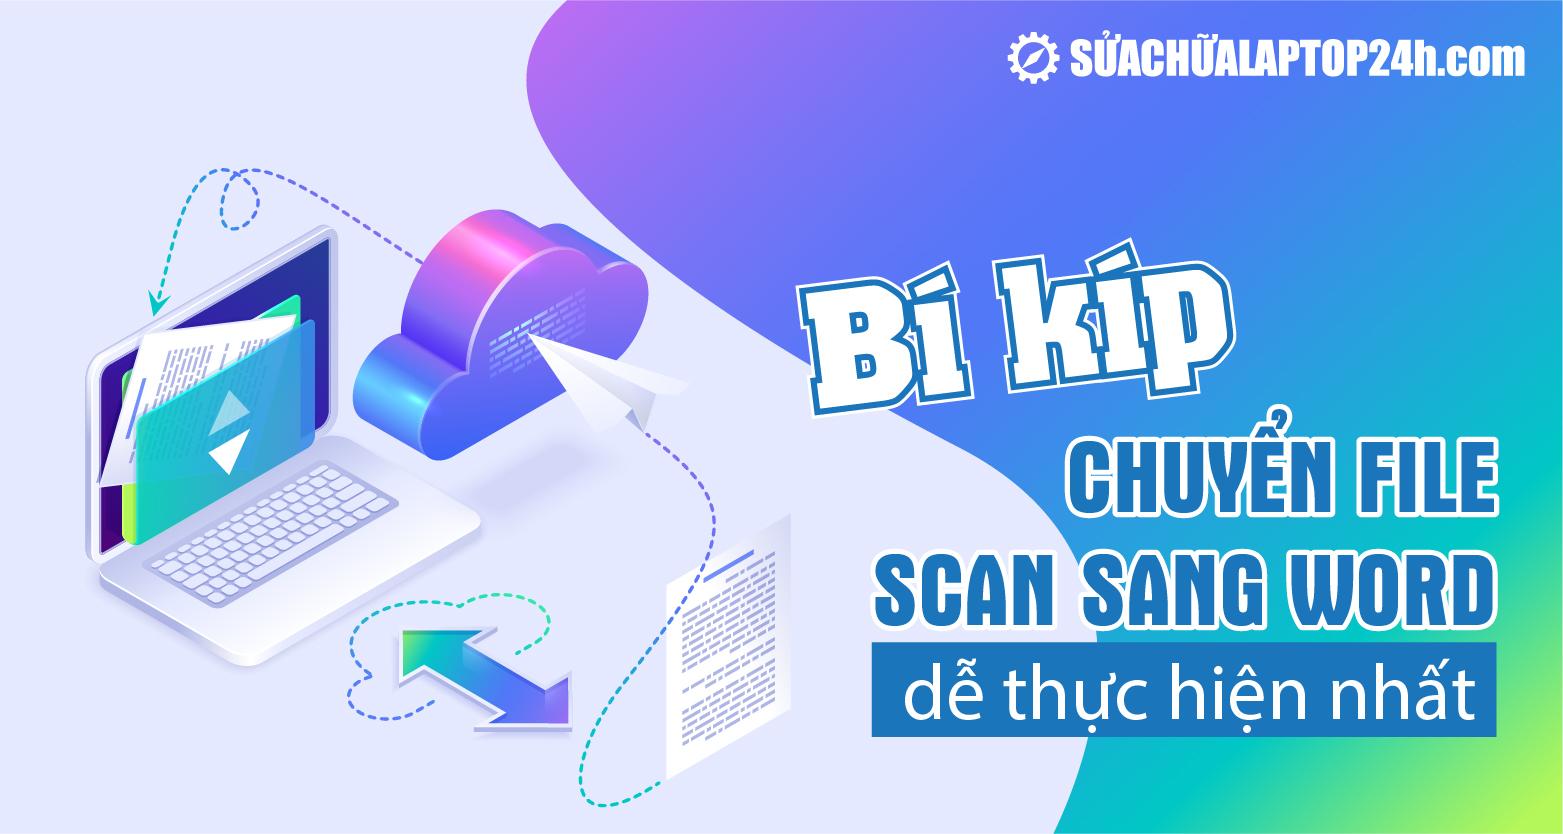 Chuyển File Scan sang Word dễ thực hiện nhất